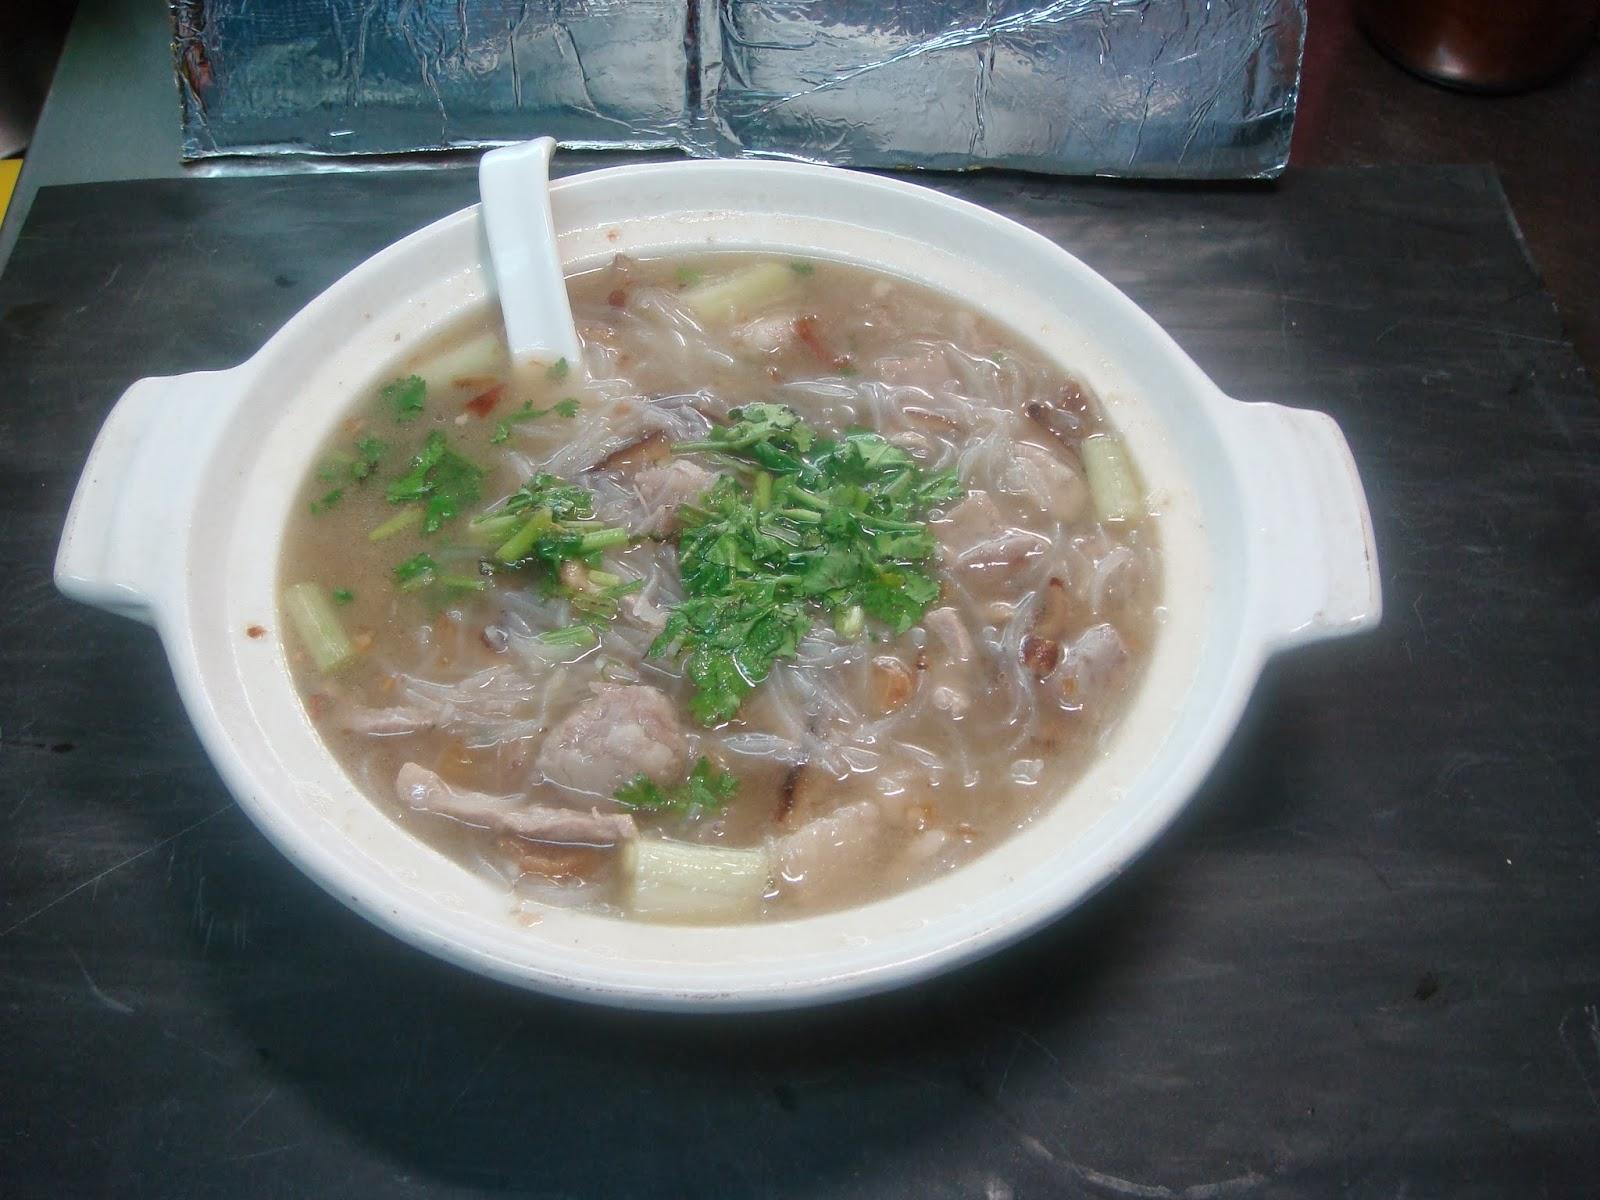 葱香米粉湯 (油葱特製ダシの汁ビーフン)